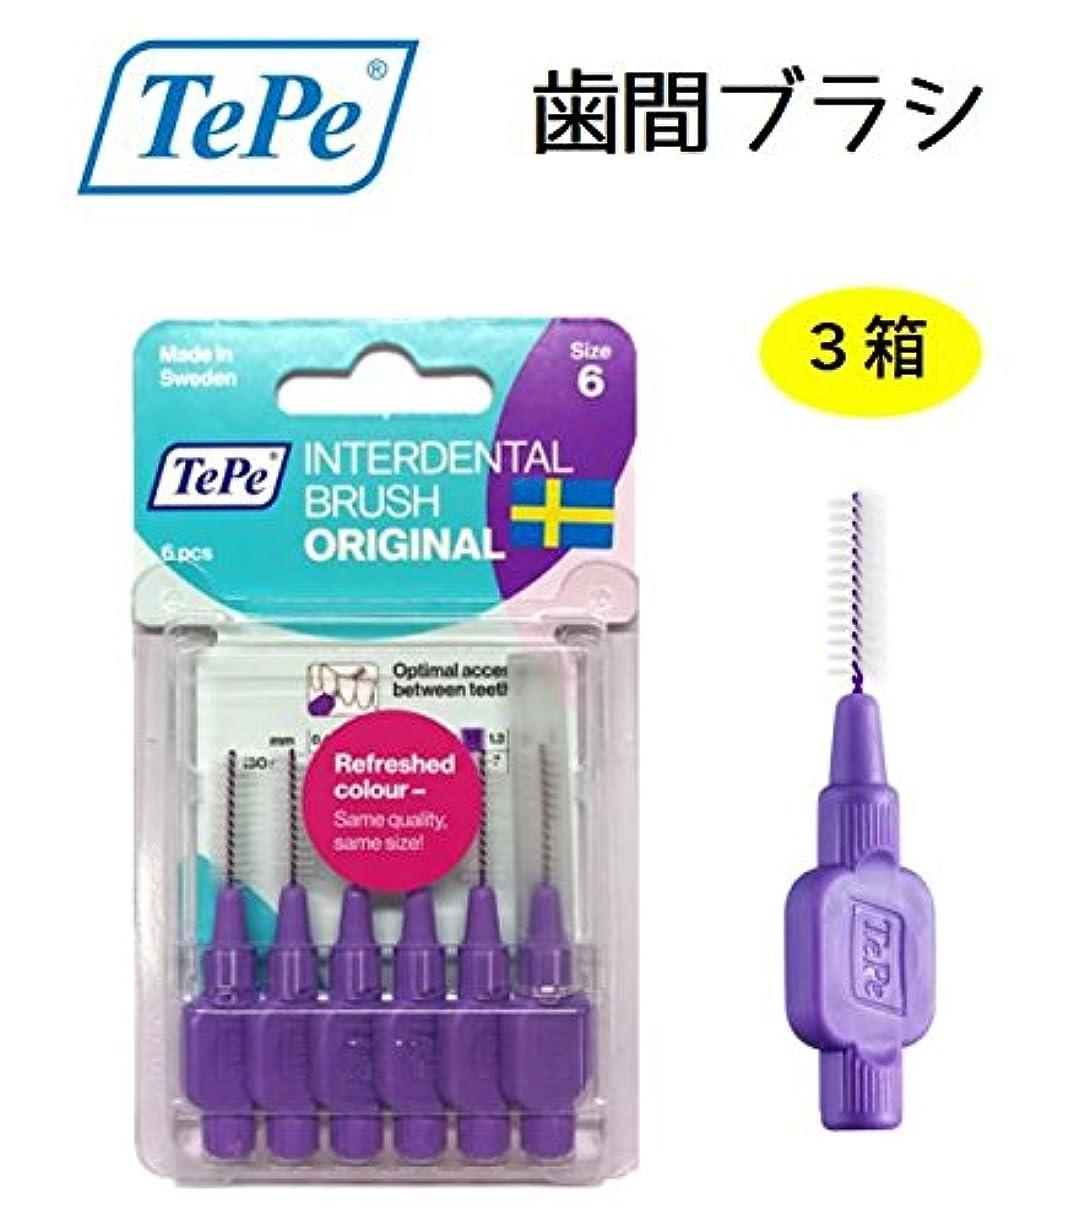 バーストミサイルマットテペ 歯間プラシ 1.1mm ブリスターパック 3パック TePe IDブラシ